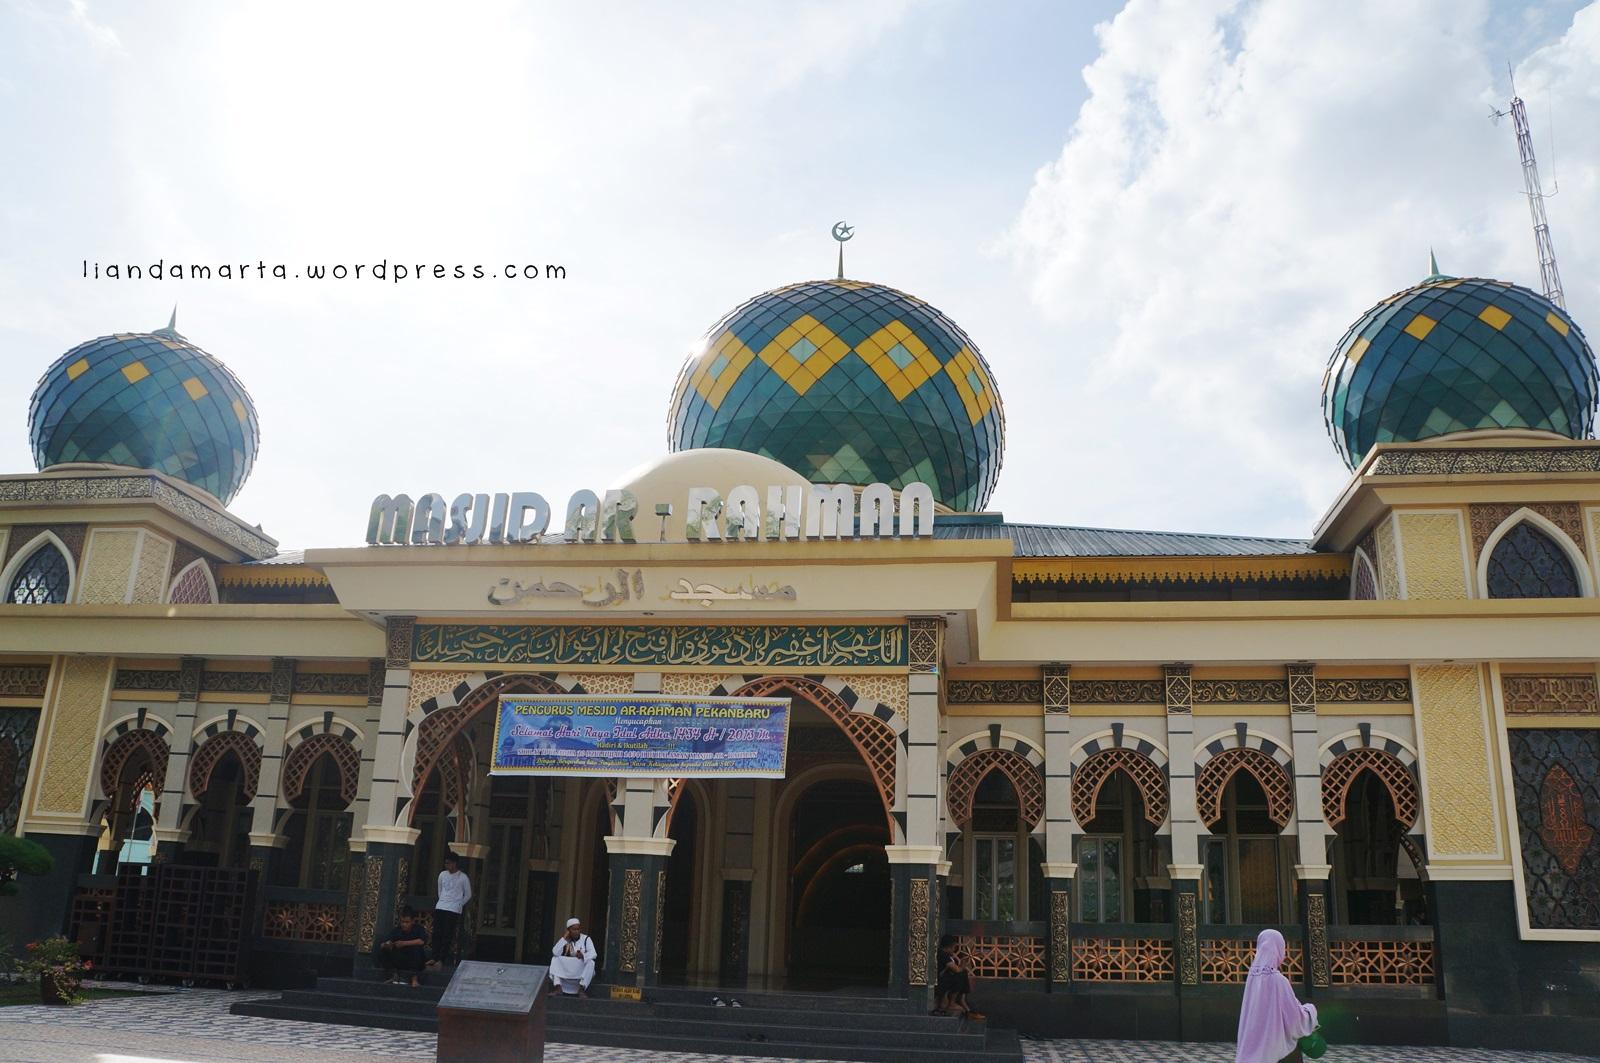 Masjid Berdesain Indah Pekanbaru Liandamarta Nah Suka Tidak Sebesar Agung